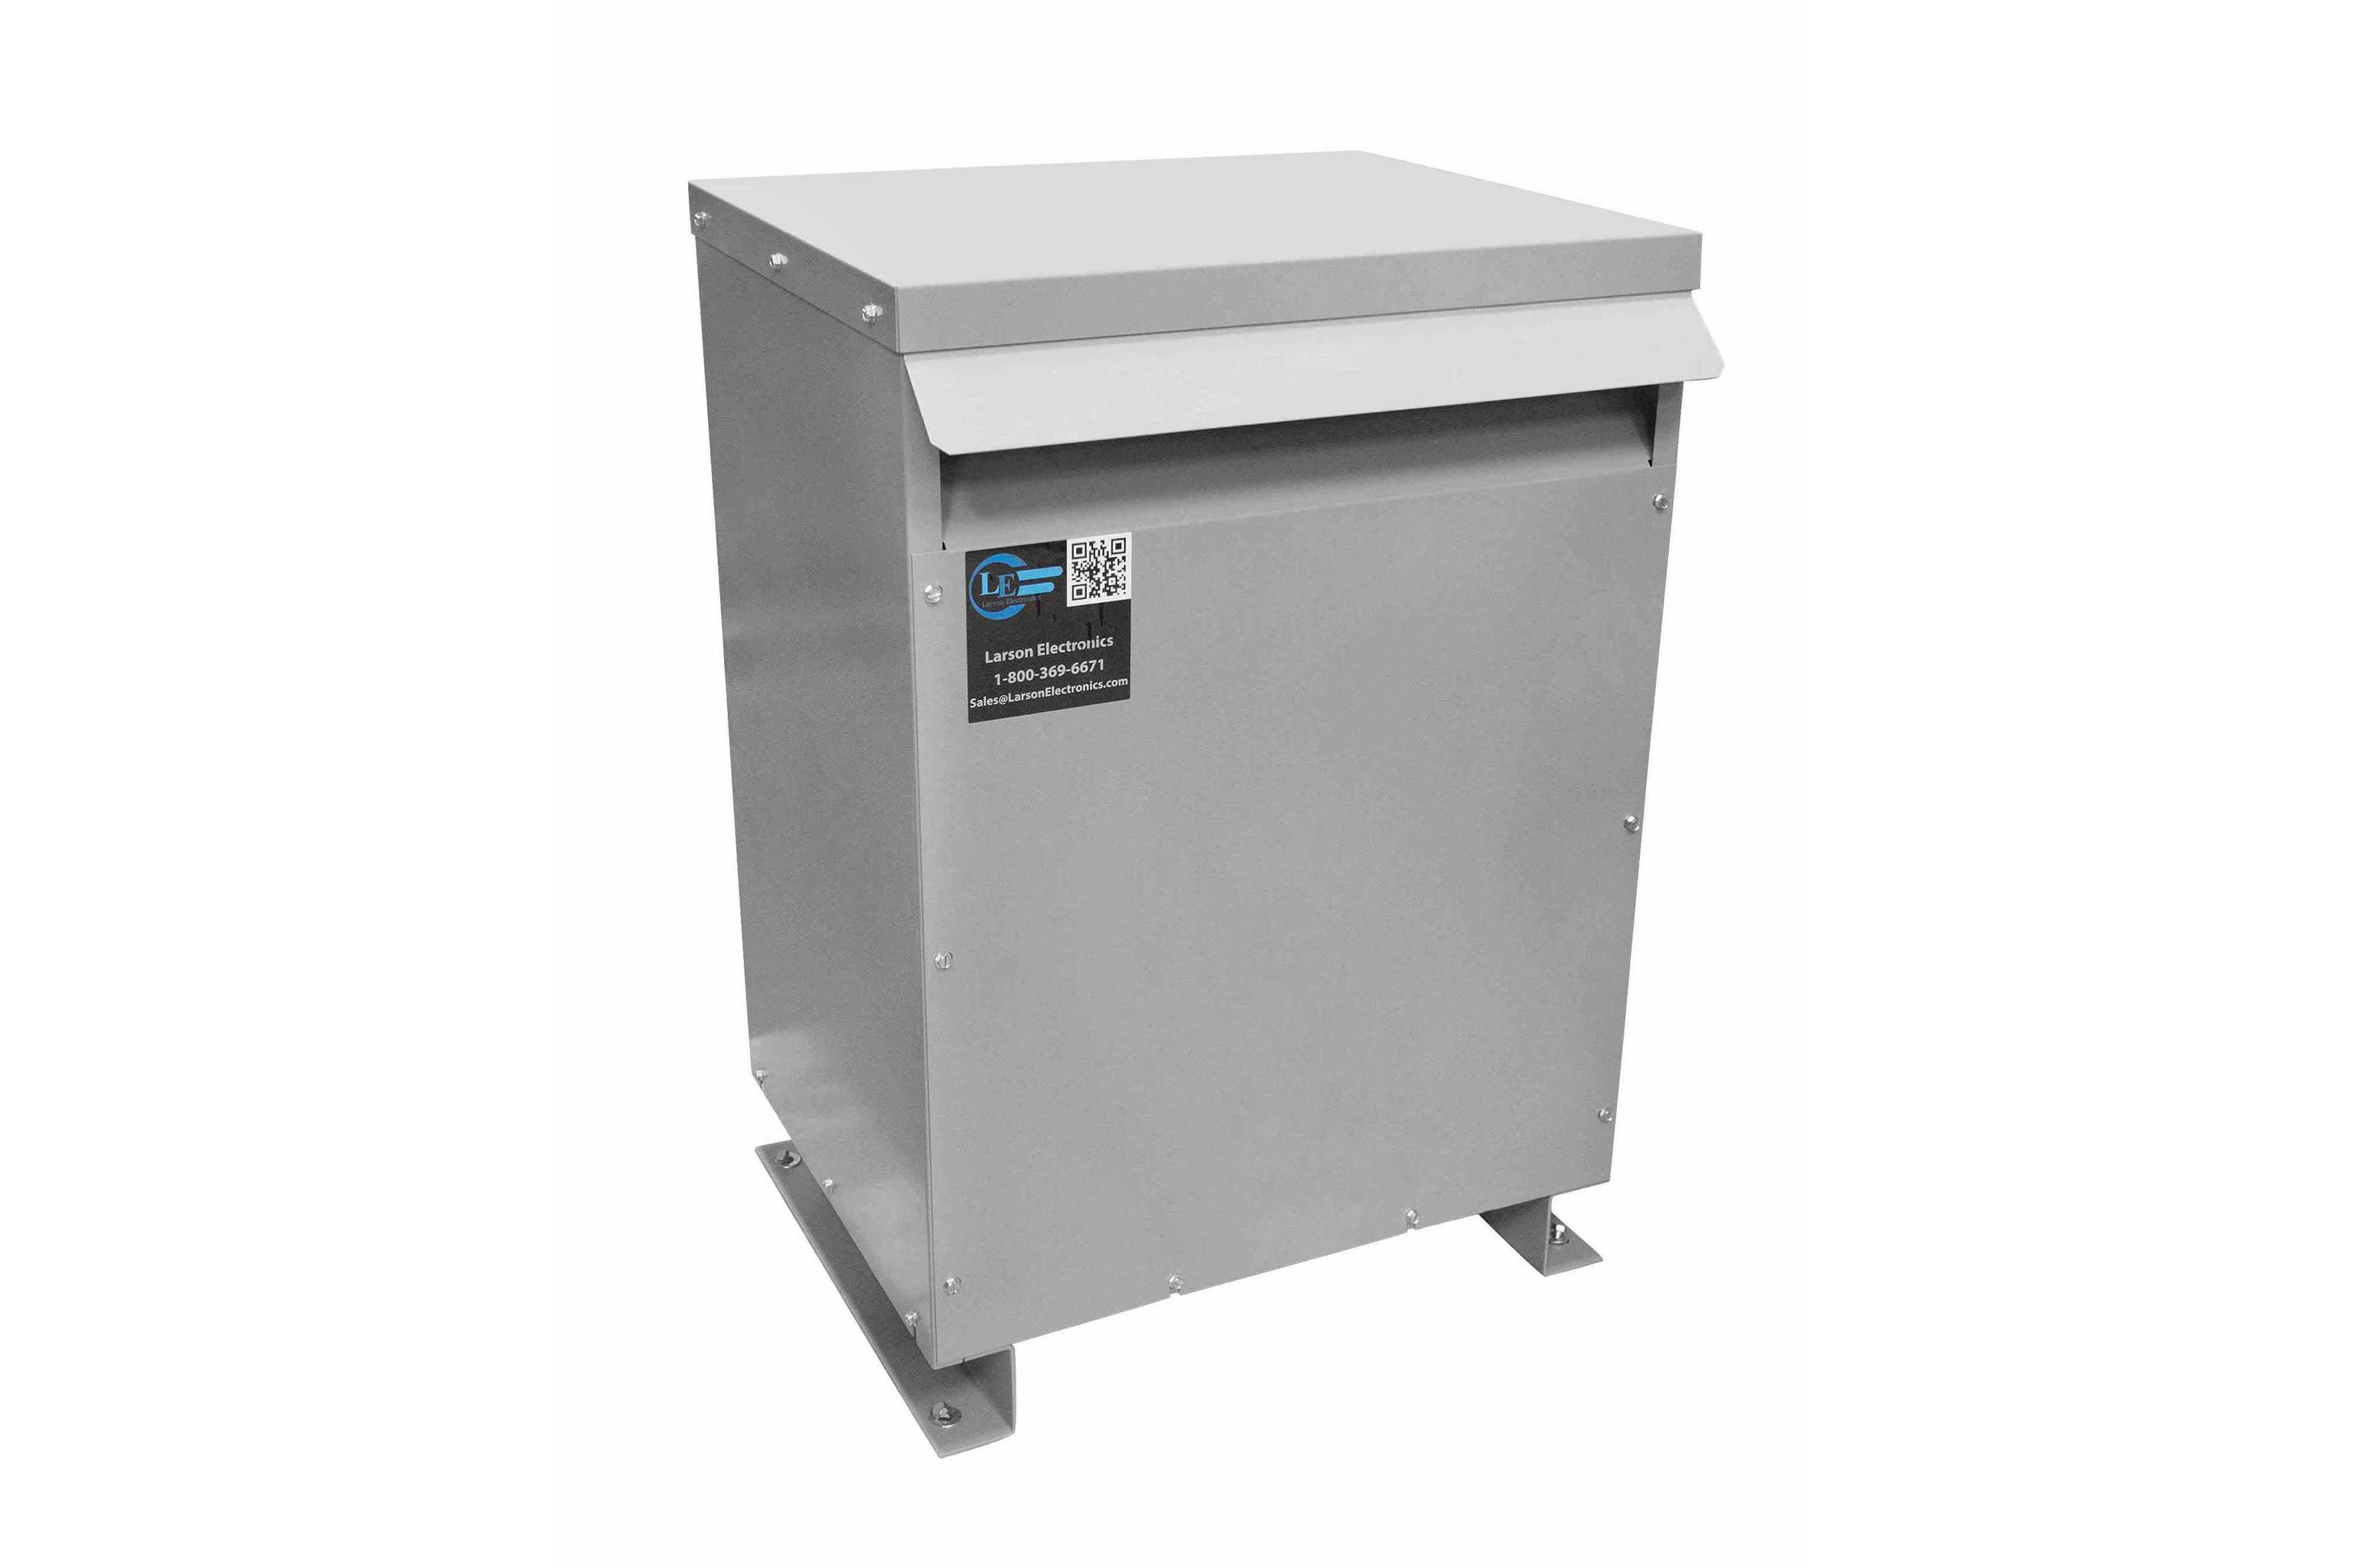 150 kVA 3PH DOE Transformer, 460V Delta Primary, 240V/120 Delta Secondary, N3R, Ventilated, 60 Hz